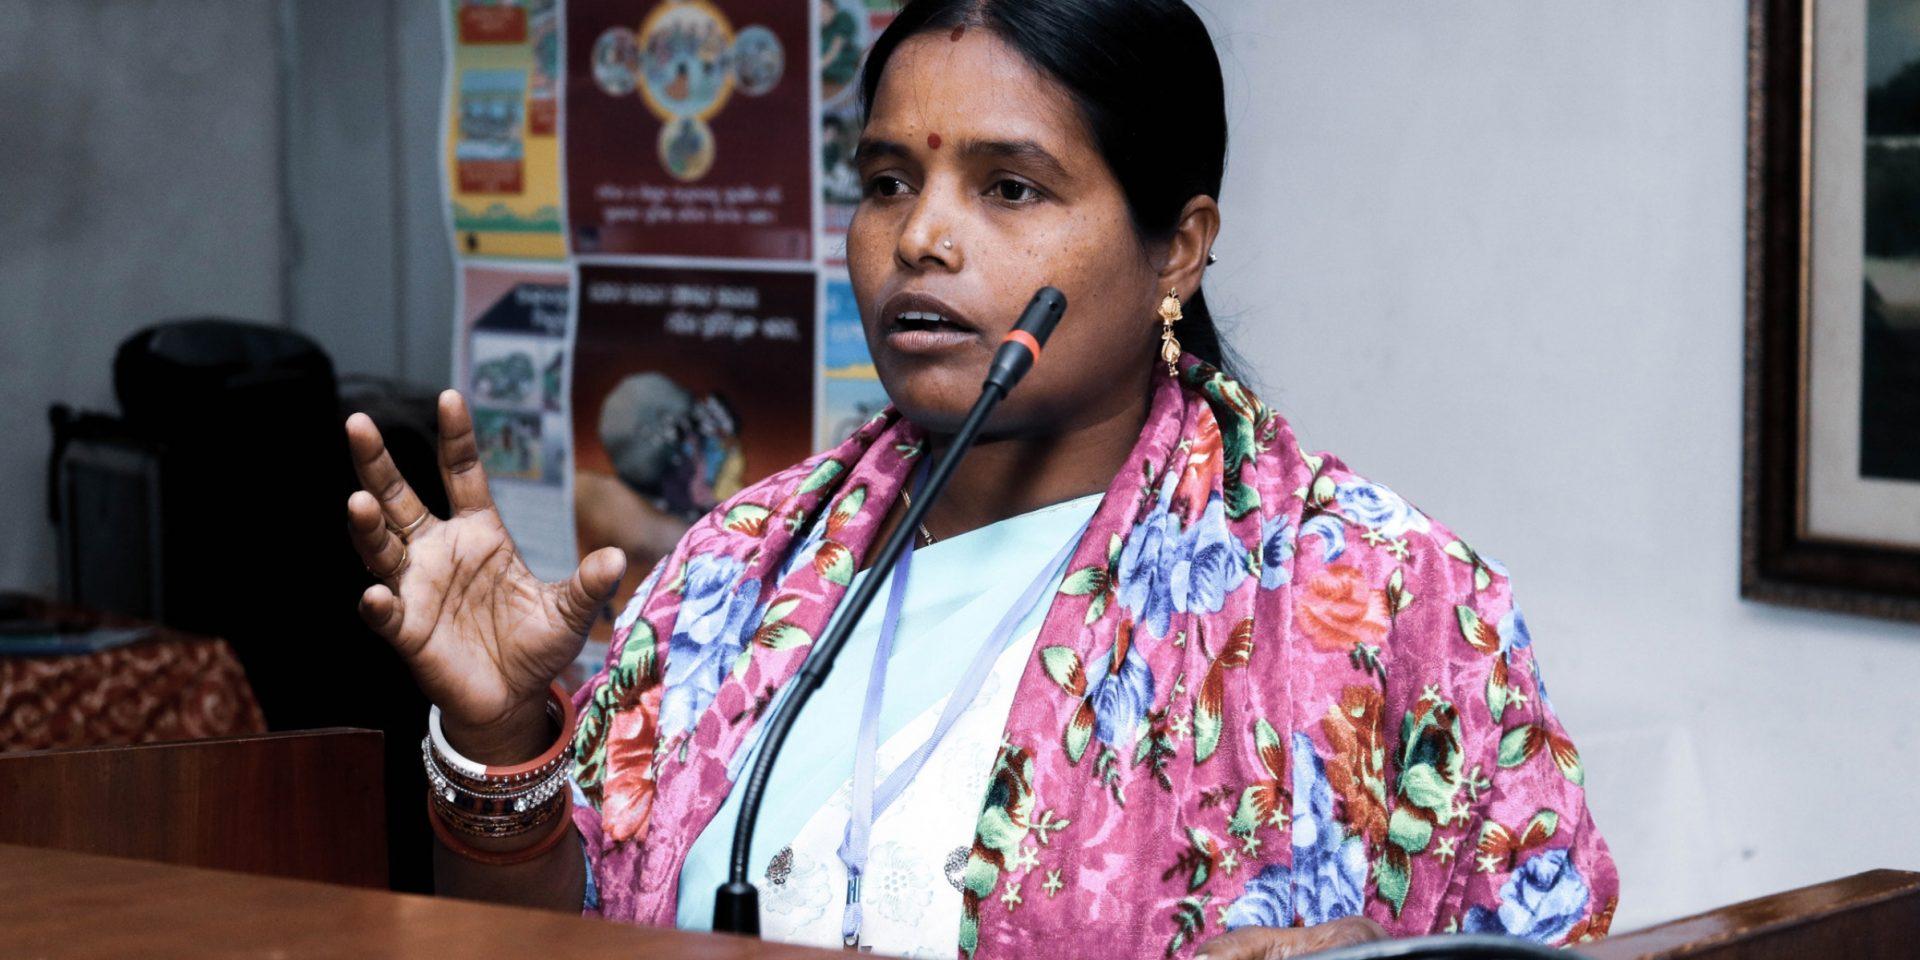 Banita Rout arbetar som kommunpolitiker i delstaten Odisha i Indien. På lokal nivå fördelas de politiska uppdragen jämt mellan män och kvinnor. Men nationellt ligger Indien långt under det globala snittet.